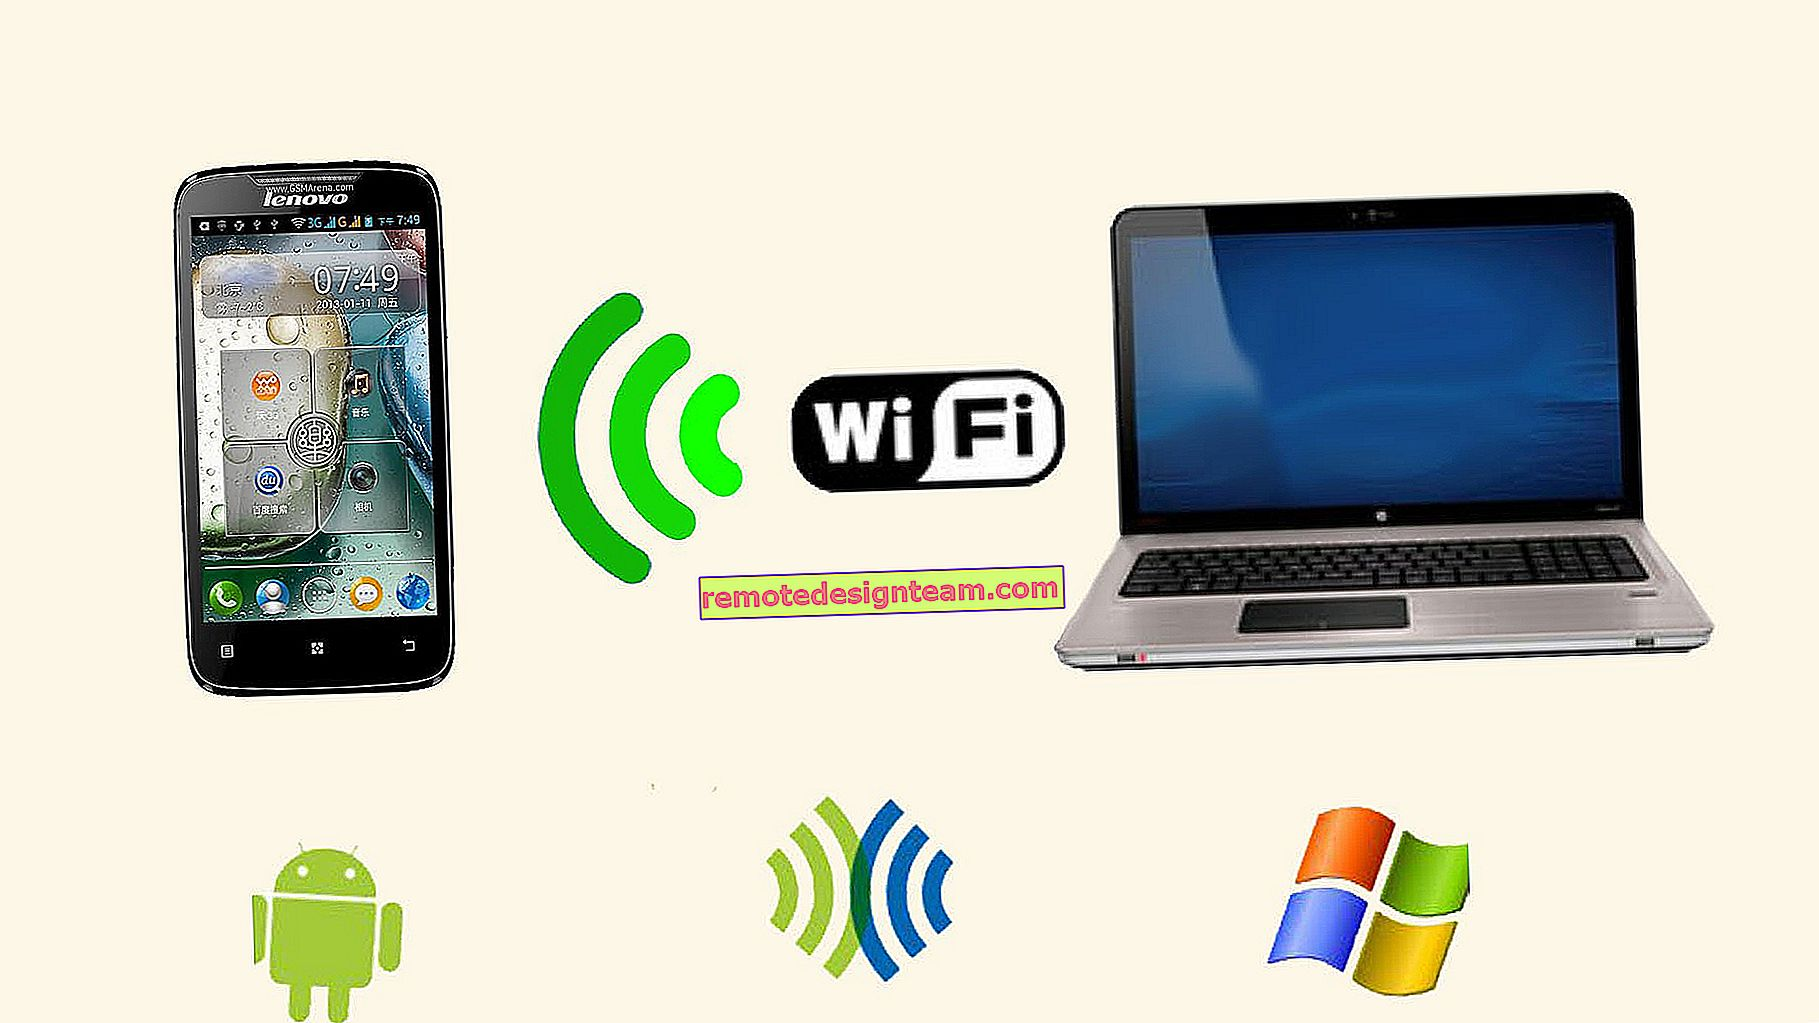 Mula berkongsi Wi-Fi secara automatik semasa anda menghidupkan komputer riba